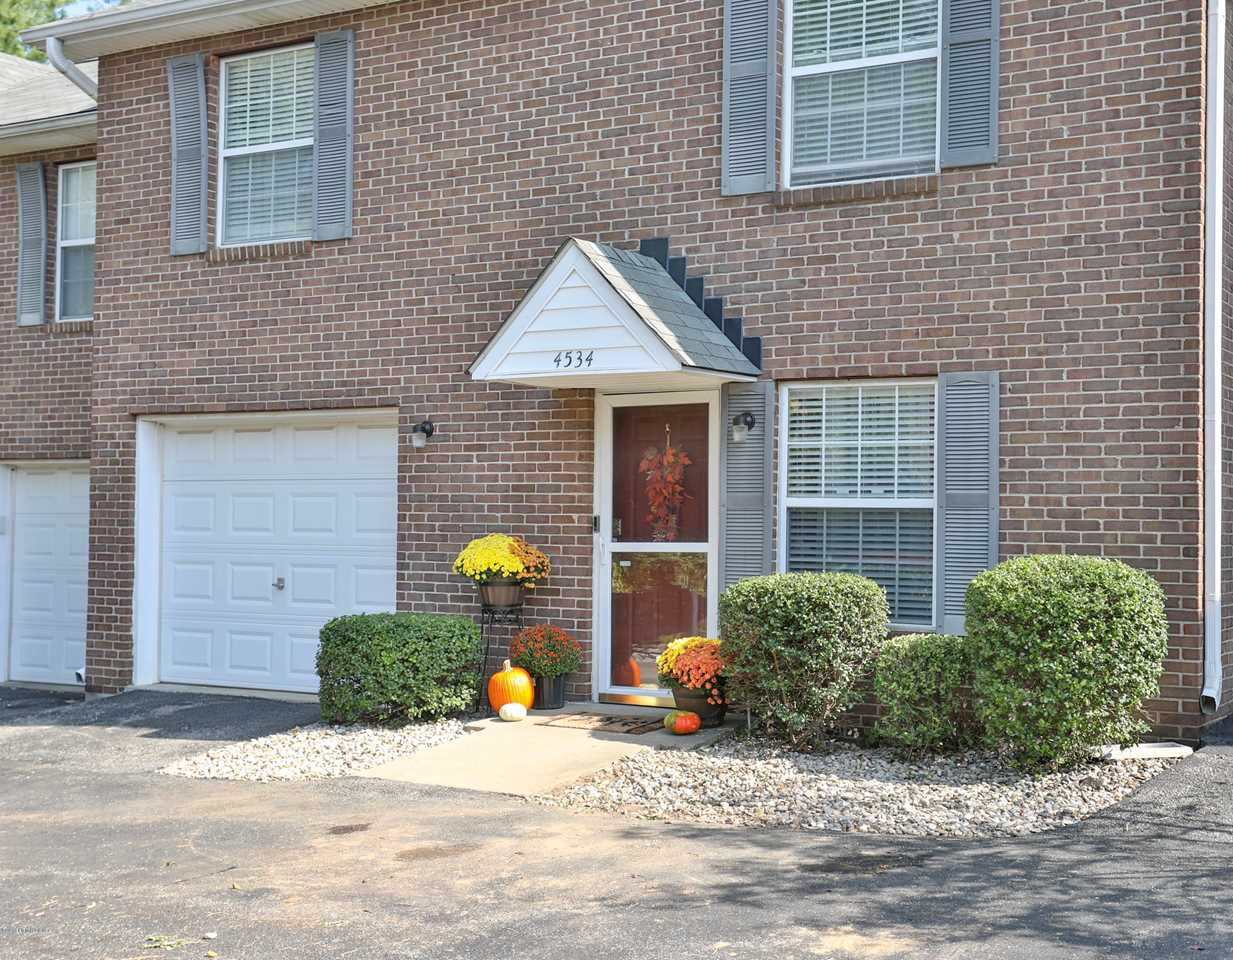 4534 Meadowlark Manor Ln Louisville Ky 40245 Mls 1516189